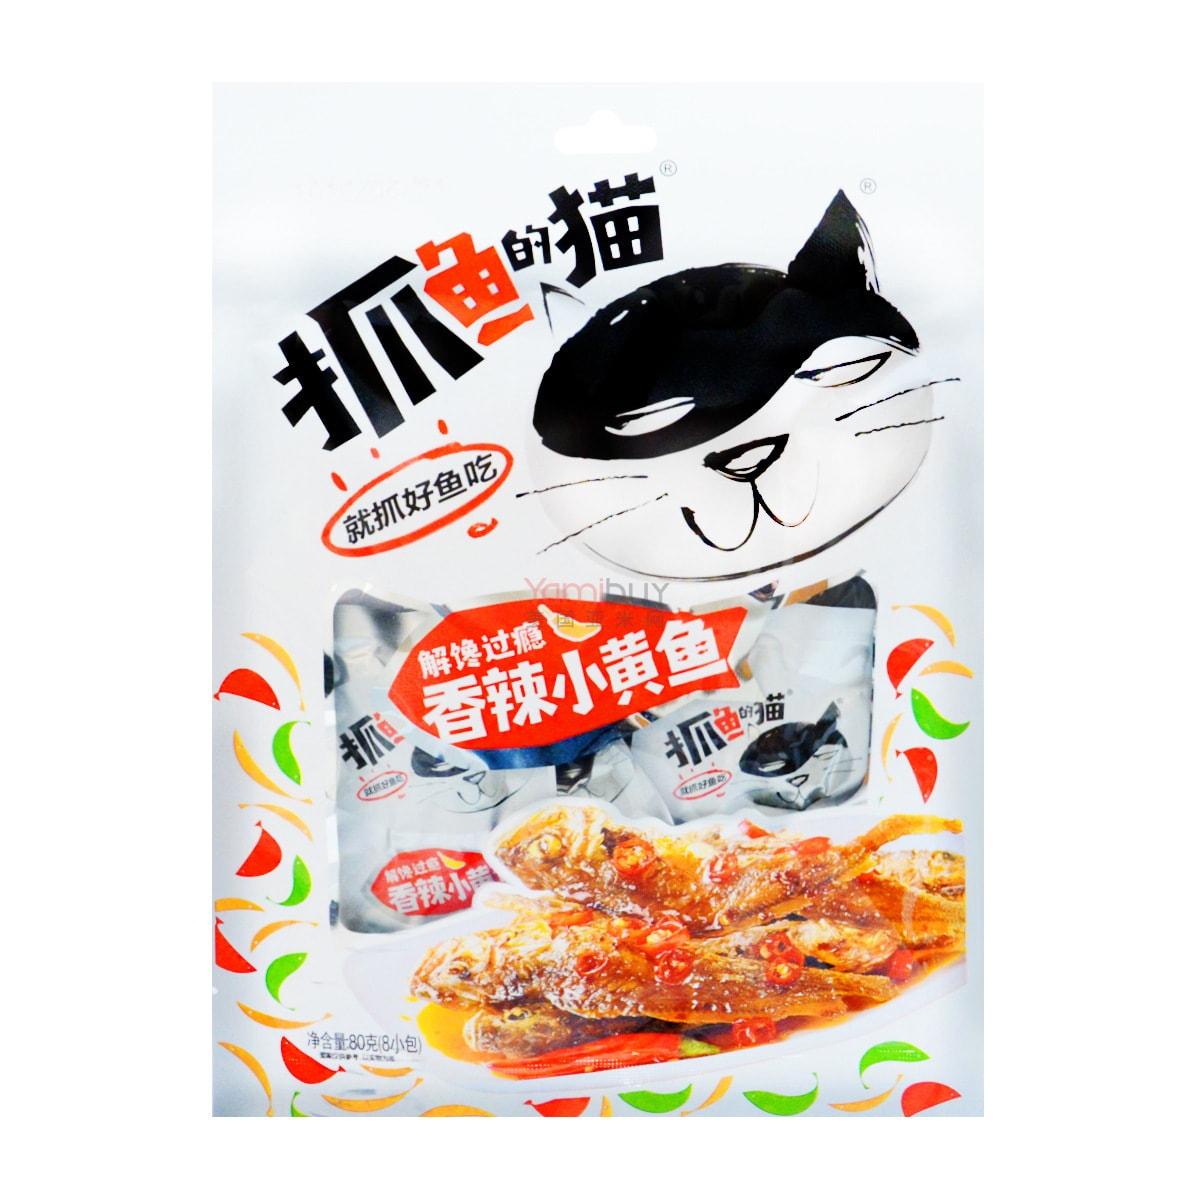 ZHUAYUDEMAO Spicy Fish Snack (SPICY) 80g